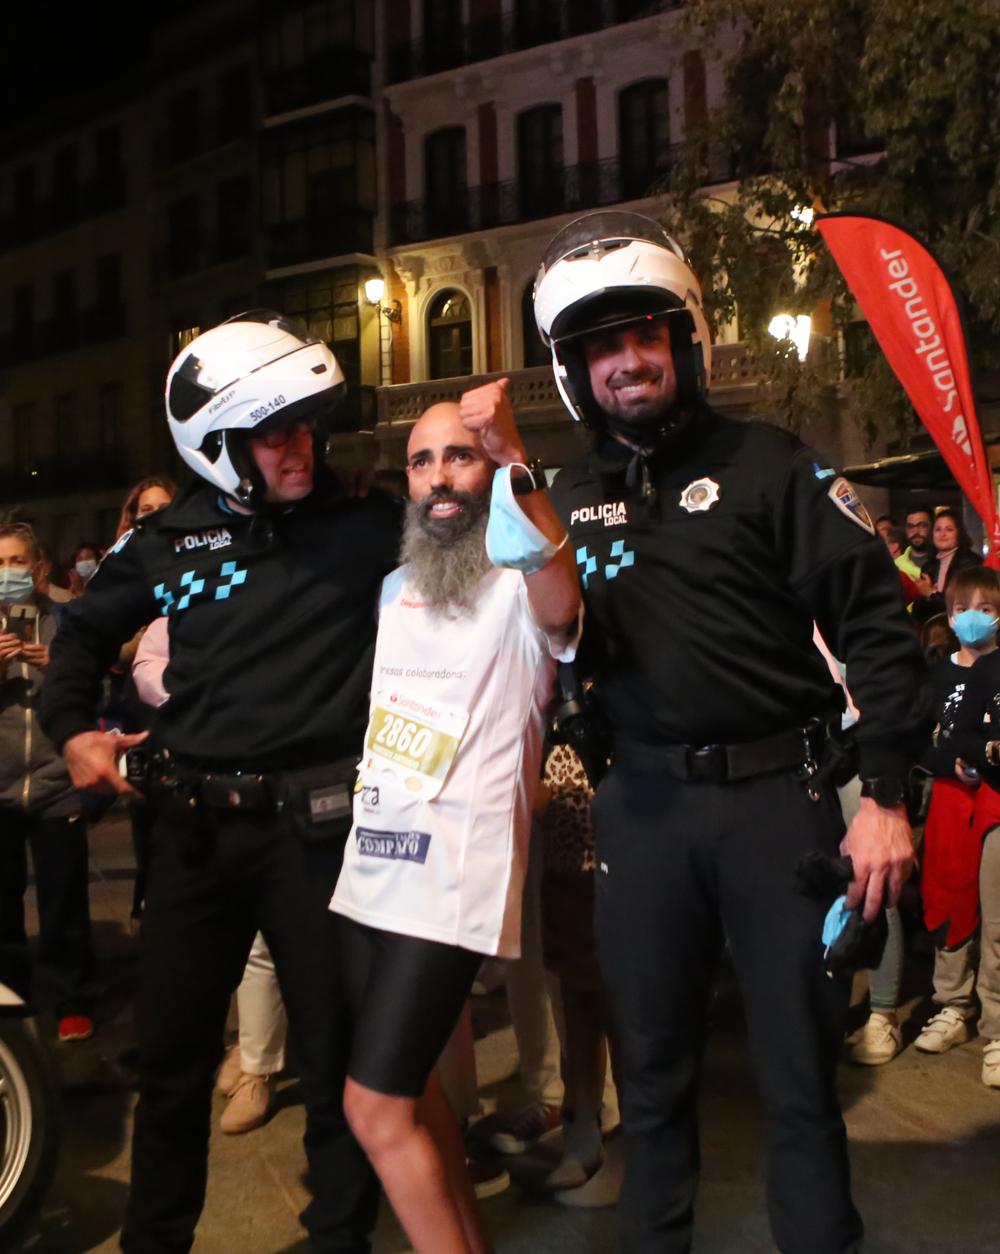 El atleta con discapacidad Paco Pérez posa con los policías locales que le escoltaron durante el recorrido tras cruzar la meta.